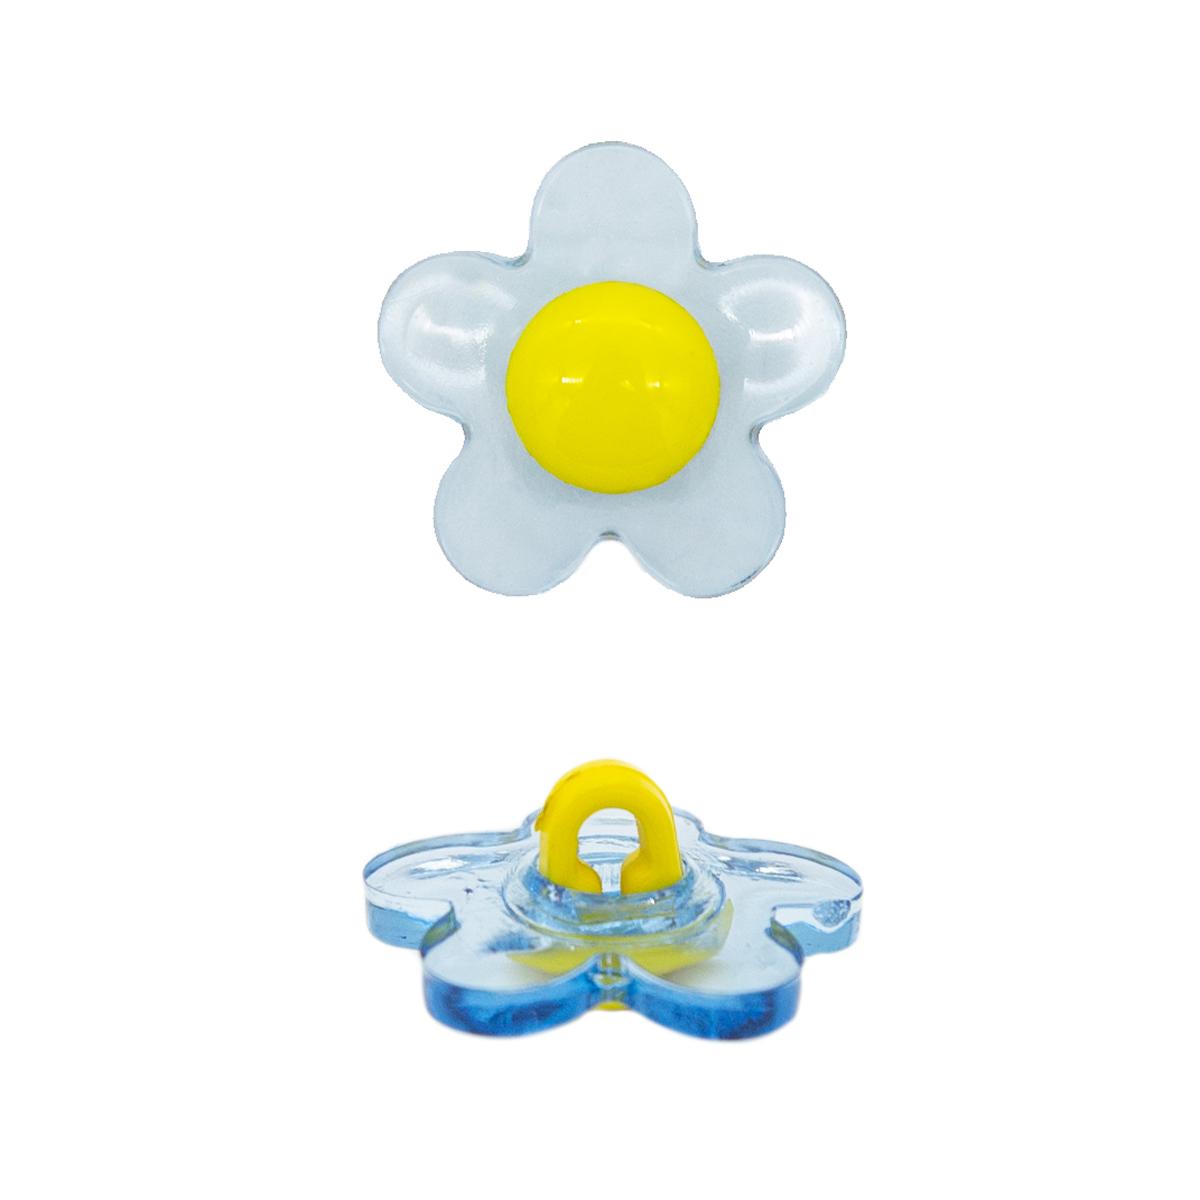 Пуговица декоративная 'цветок' 13-1125-115-1483-28